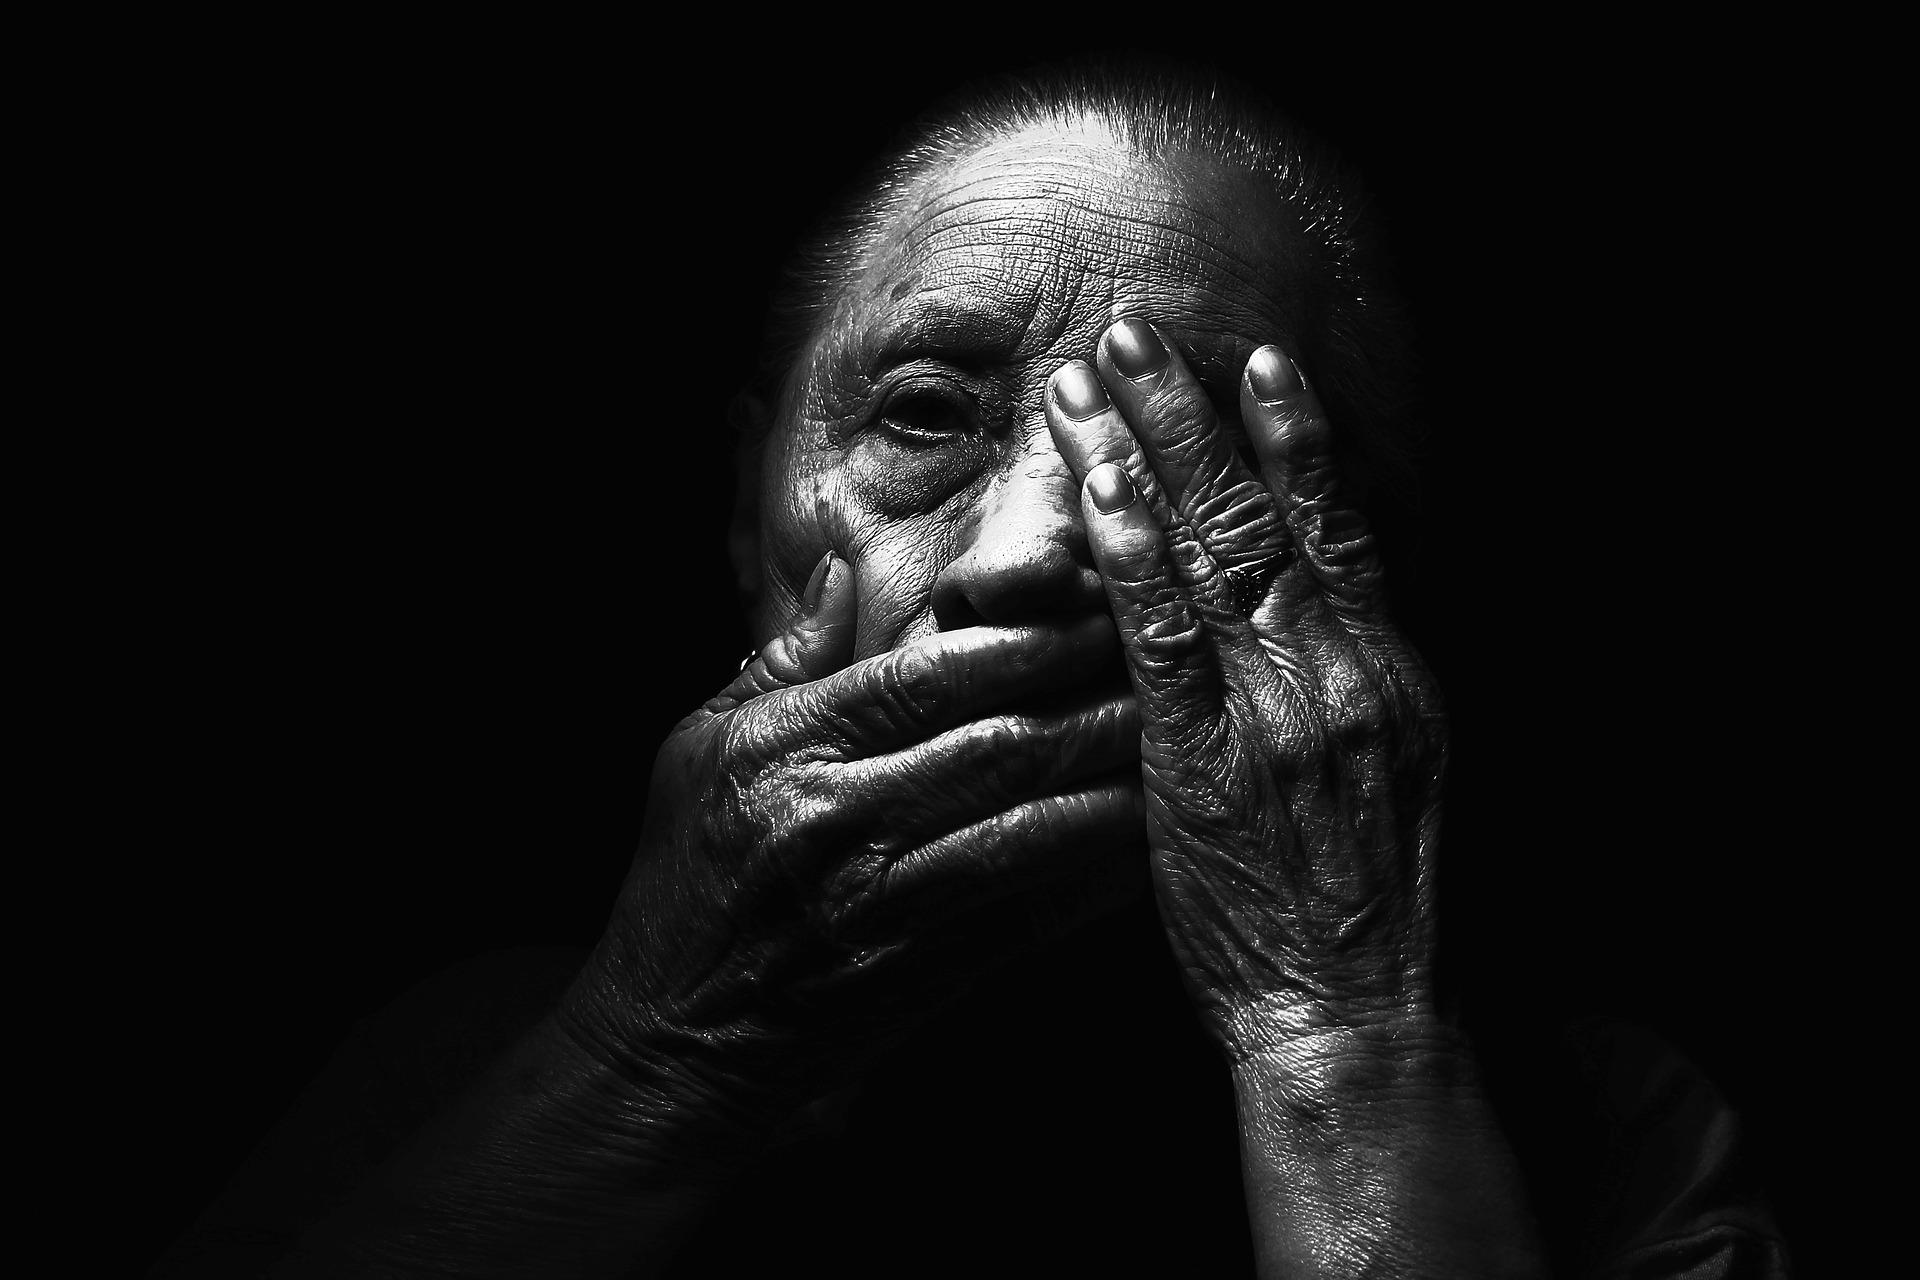 woman 1869556 1920 - 15 de Junio: Día Mundial de Toma de conciencia del abuso y maltrato a la vejez